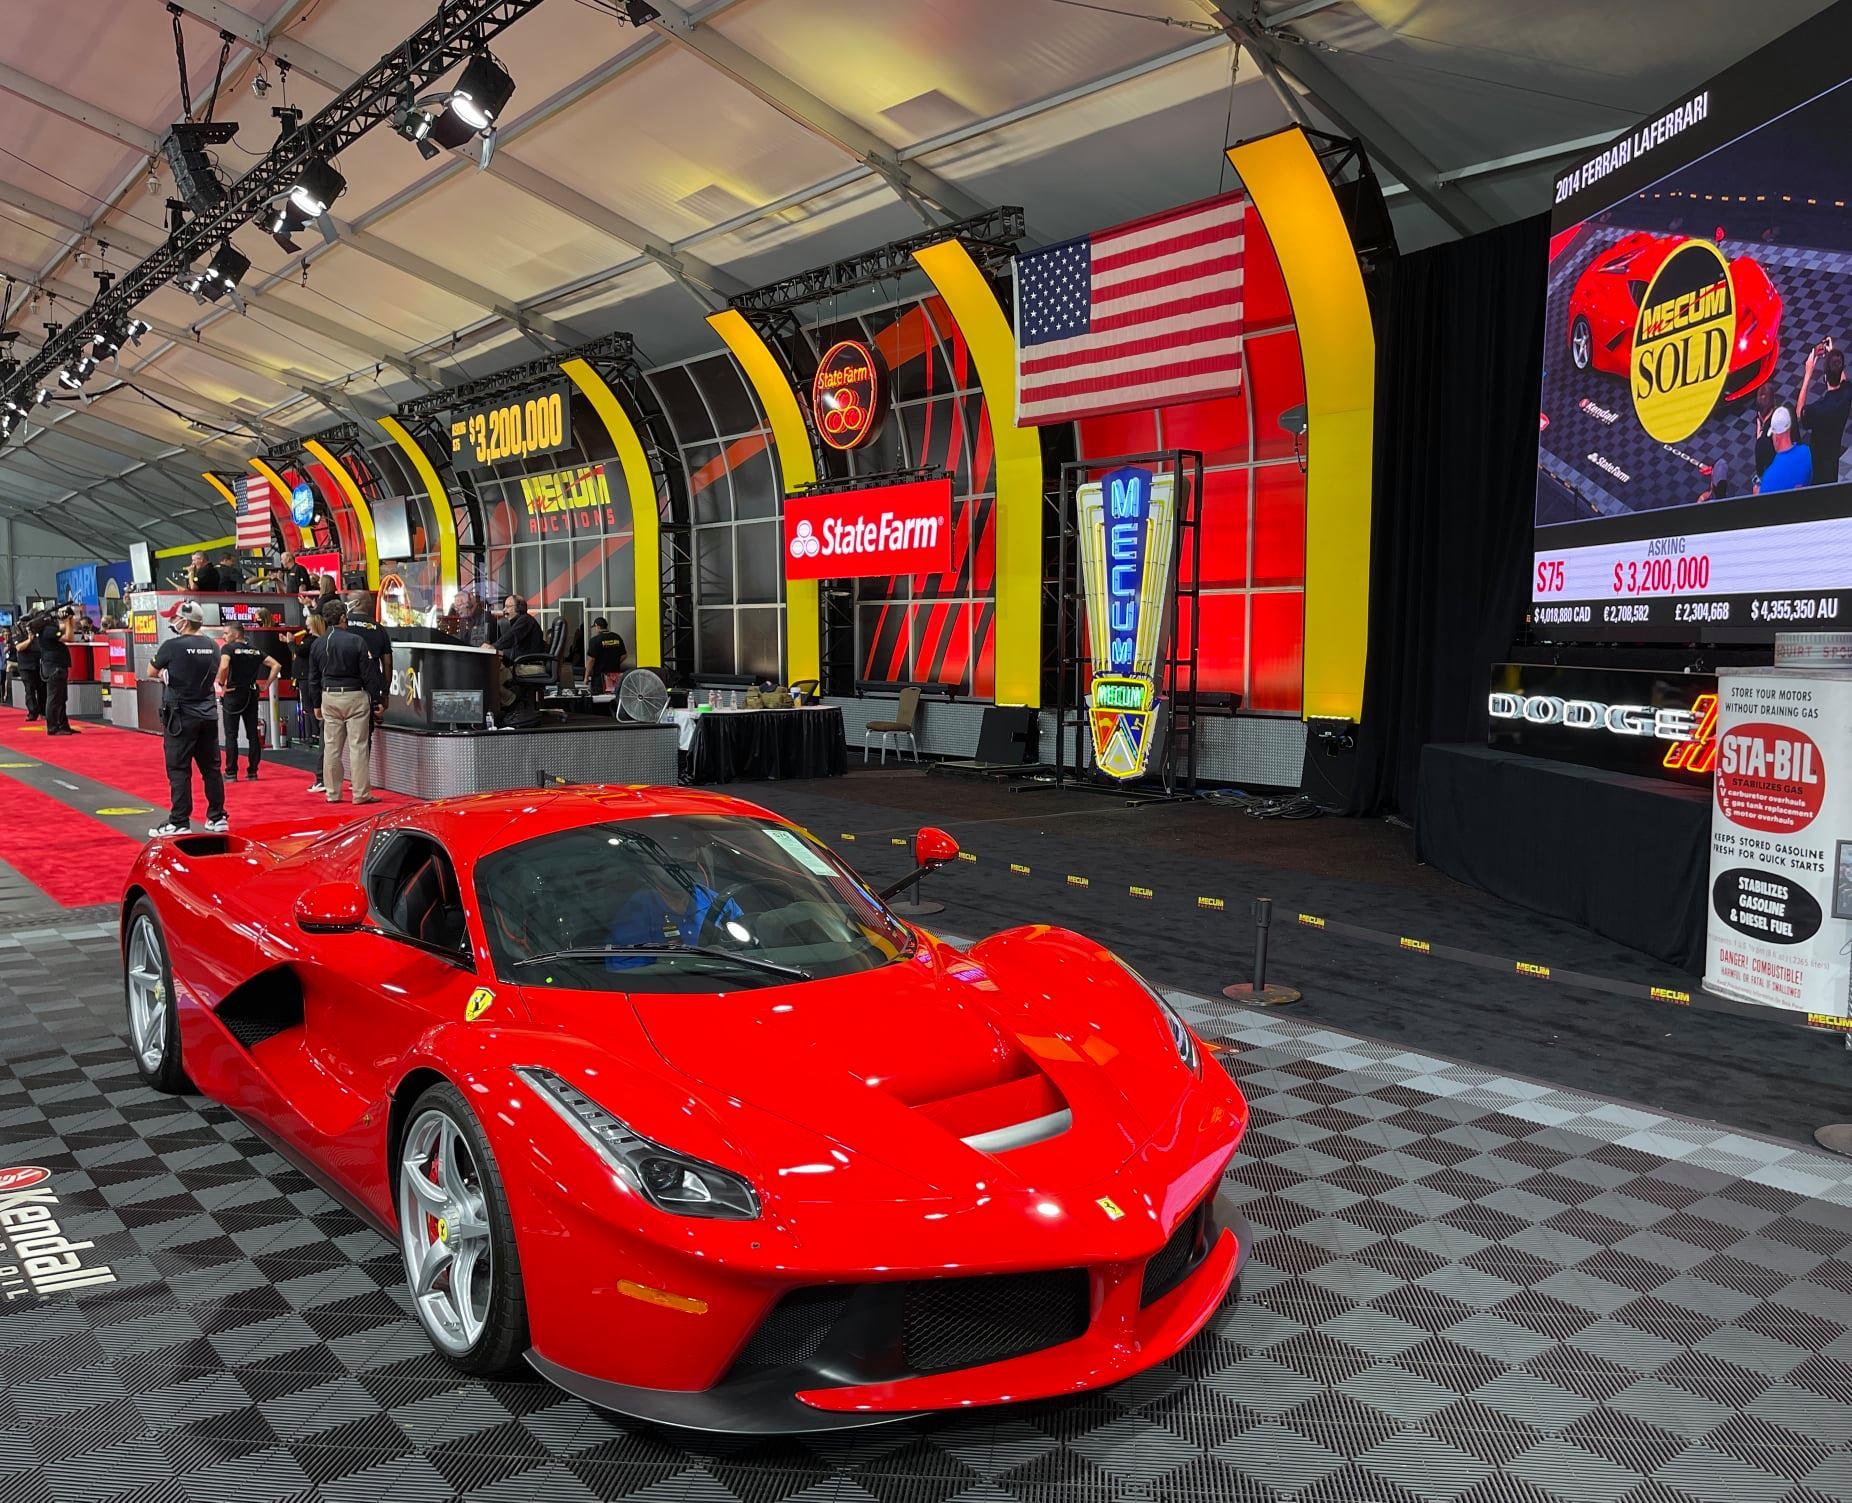 Questa Ferrari LaFerrari è stata venduta a 3 milioni di dollari